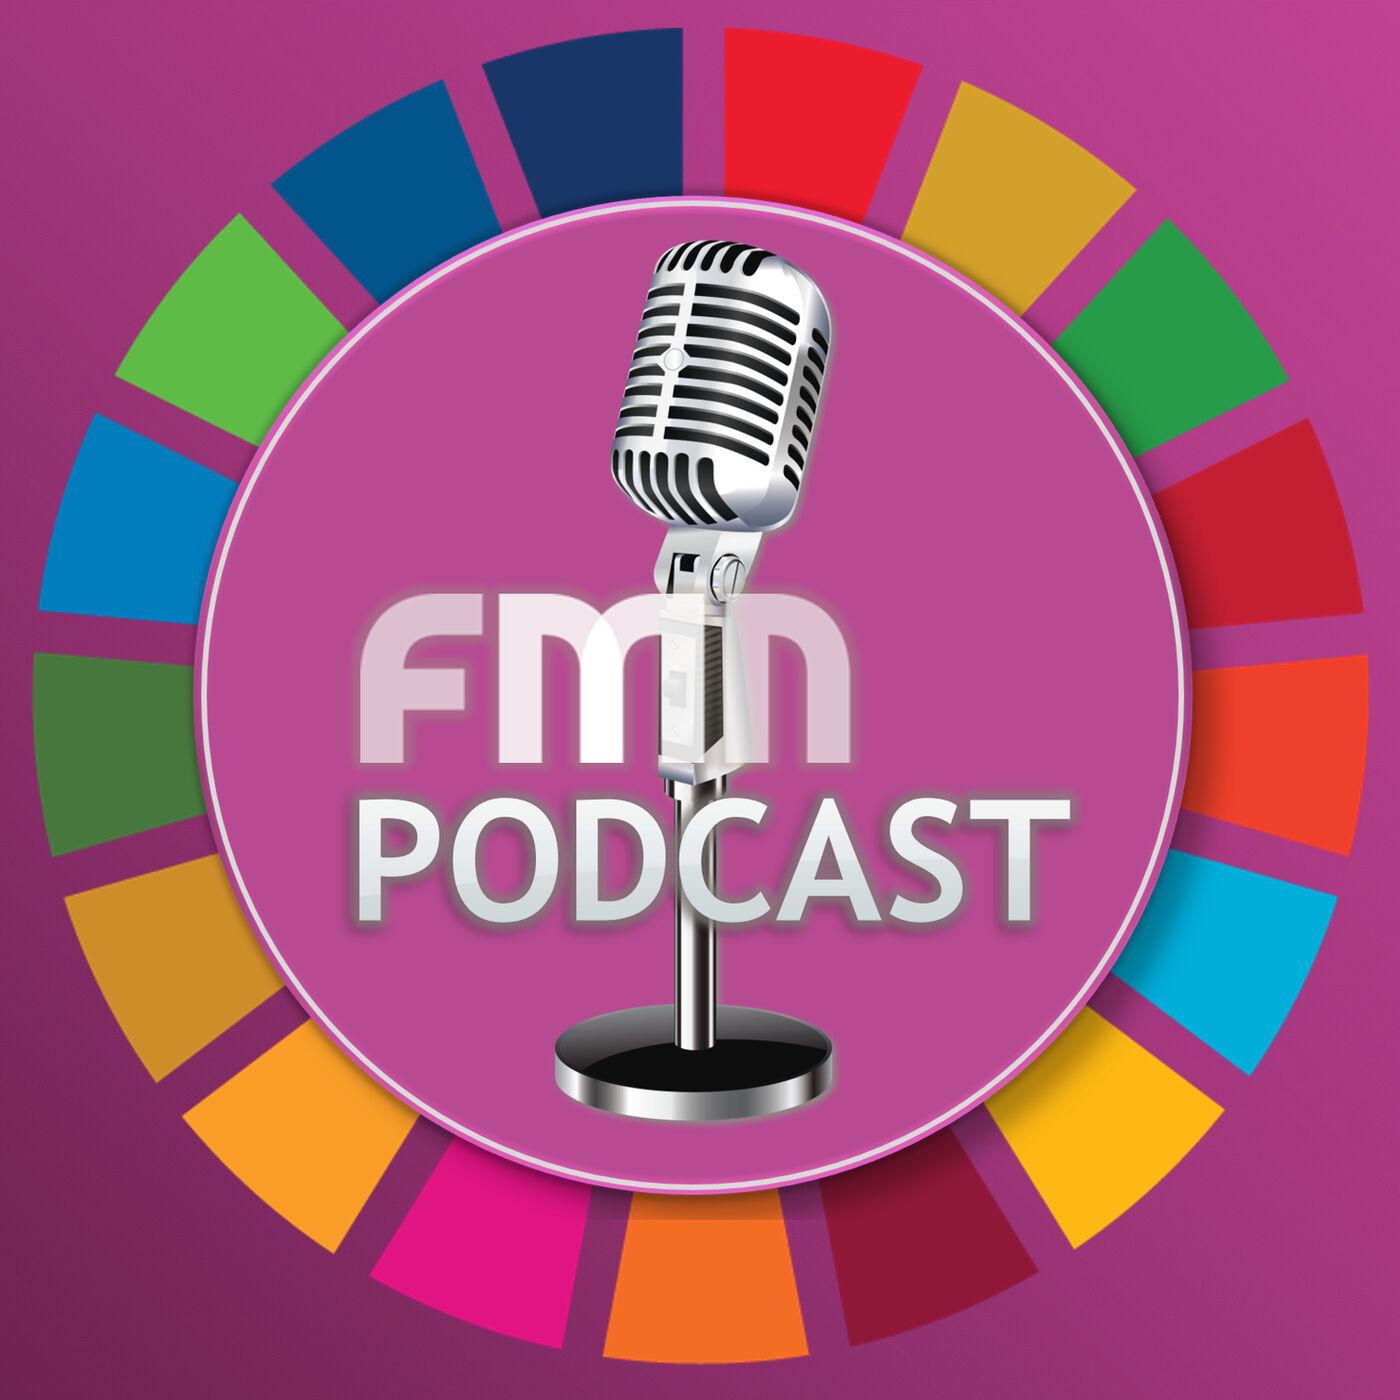 Doe eens duurzaam! #8: SDG 13 - De bijdrage van FM aan de klimaatdoelstellingen